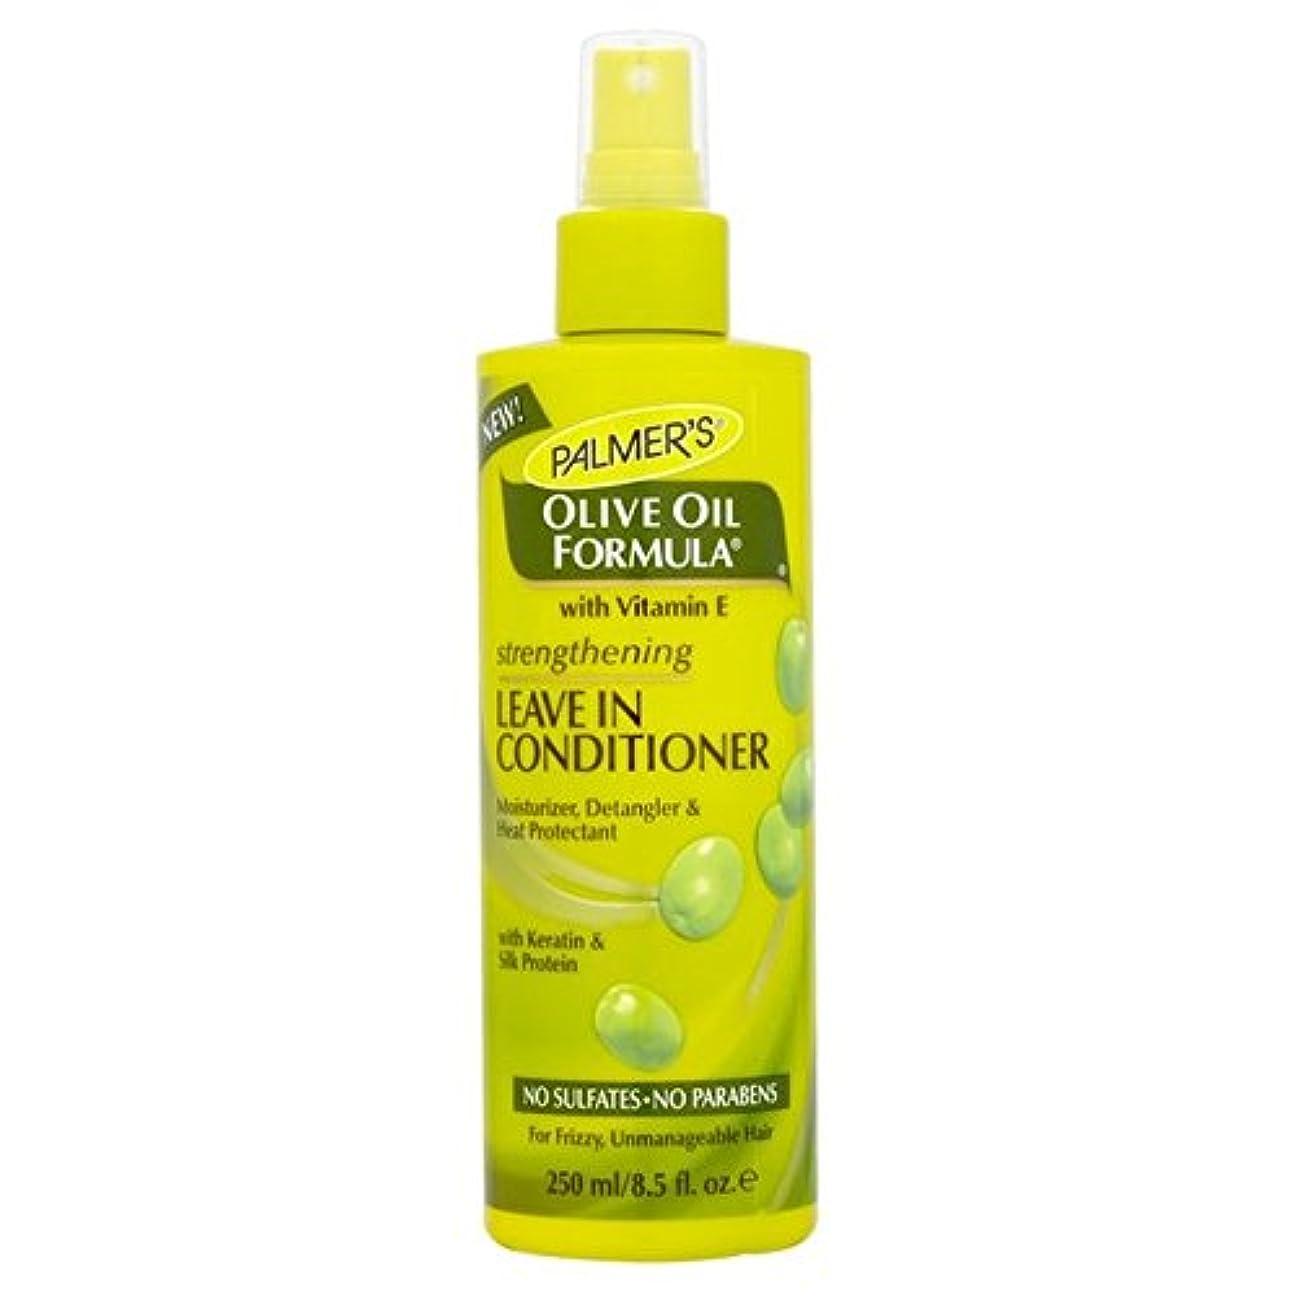 いまサーフィン扇動するPalmer's Olive Oil Formula Strengthening Leave-in Conditioner 250ml (Pack of 6) - リーブインコンディショナー250を強化パーマーのオリーブオイル...